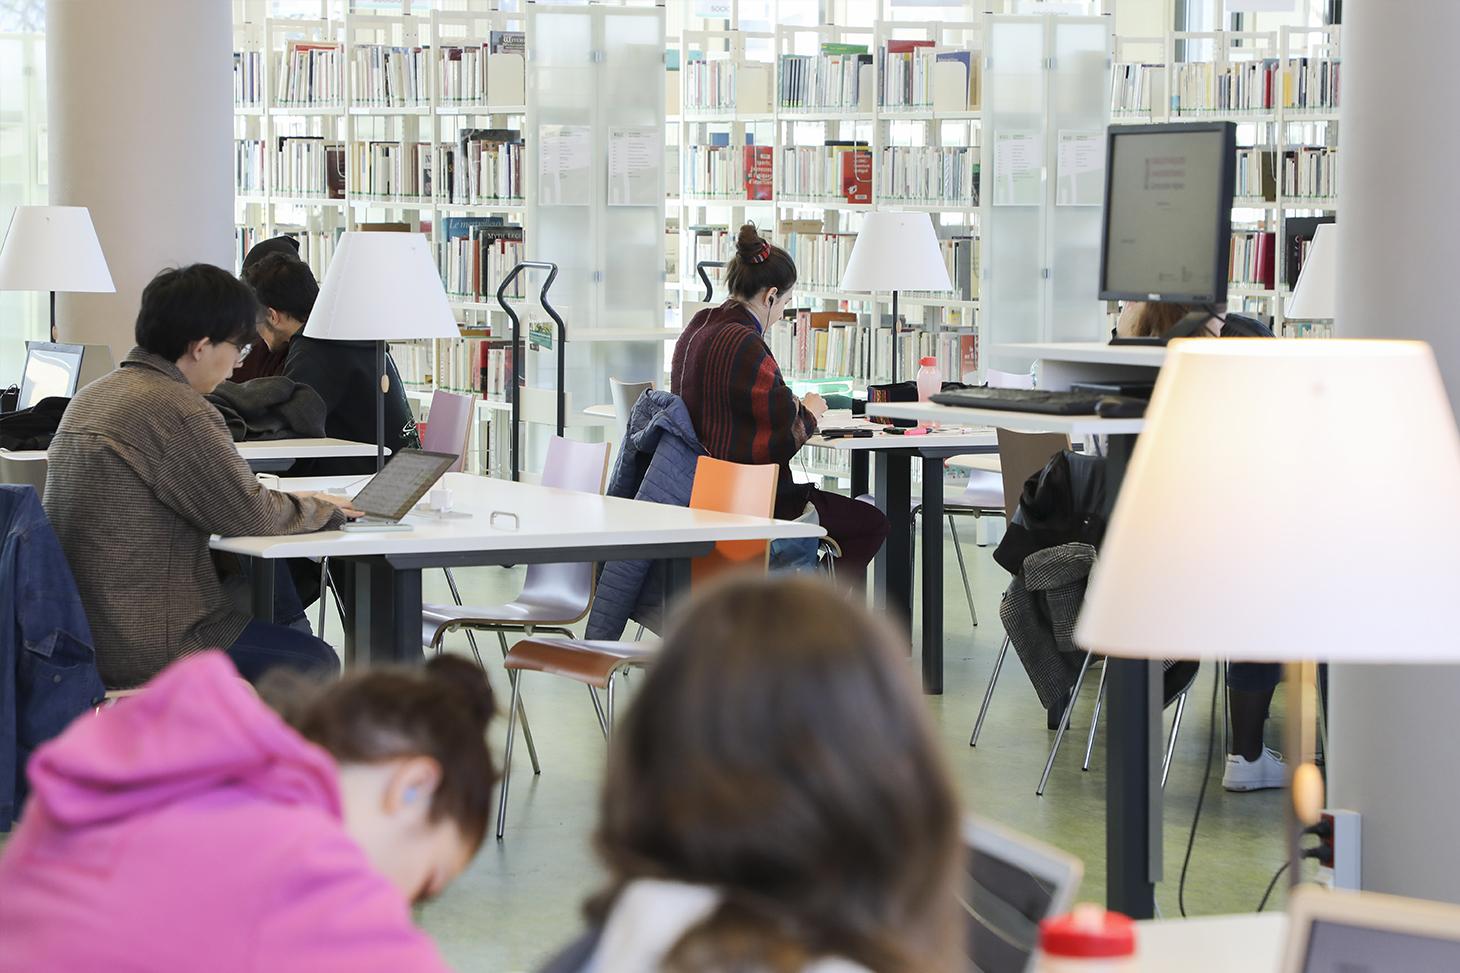 La bibliothèque universitaire sur le campus de Saint-Martin-d'Hères